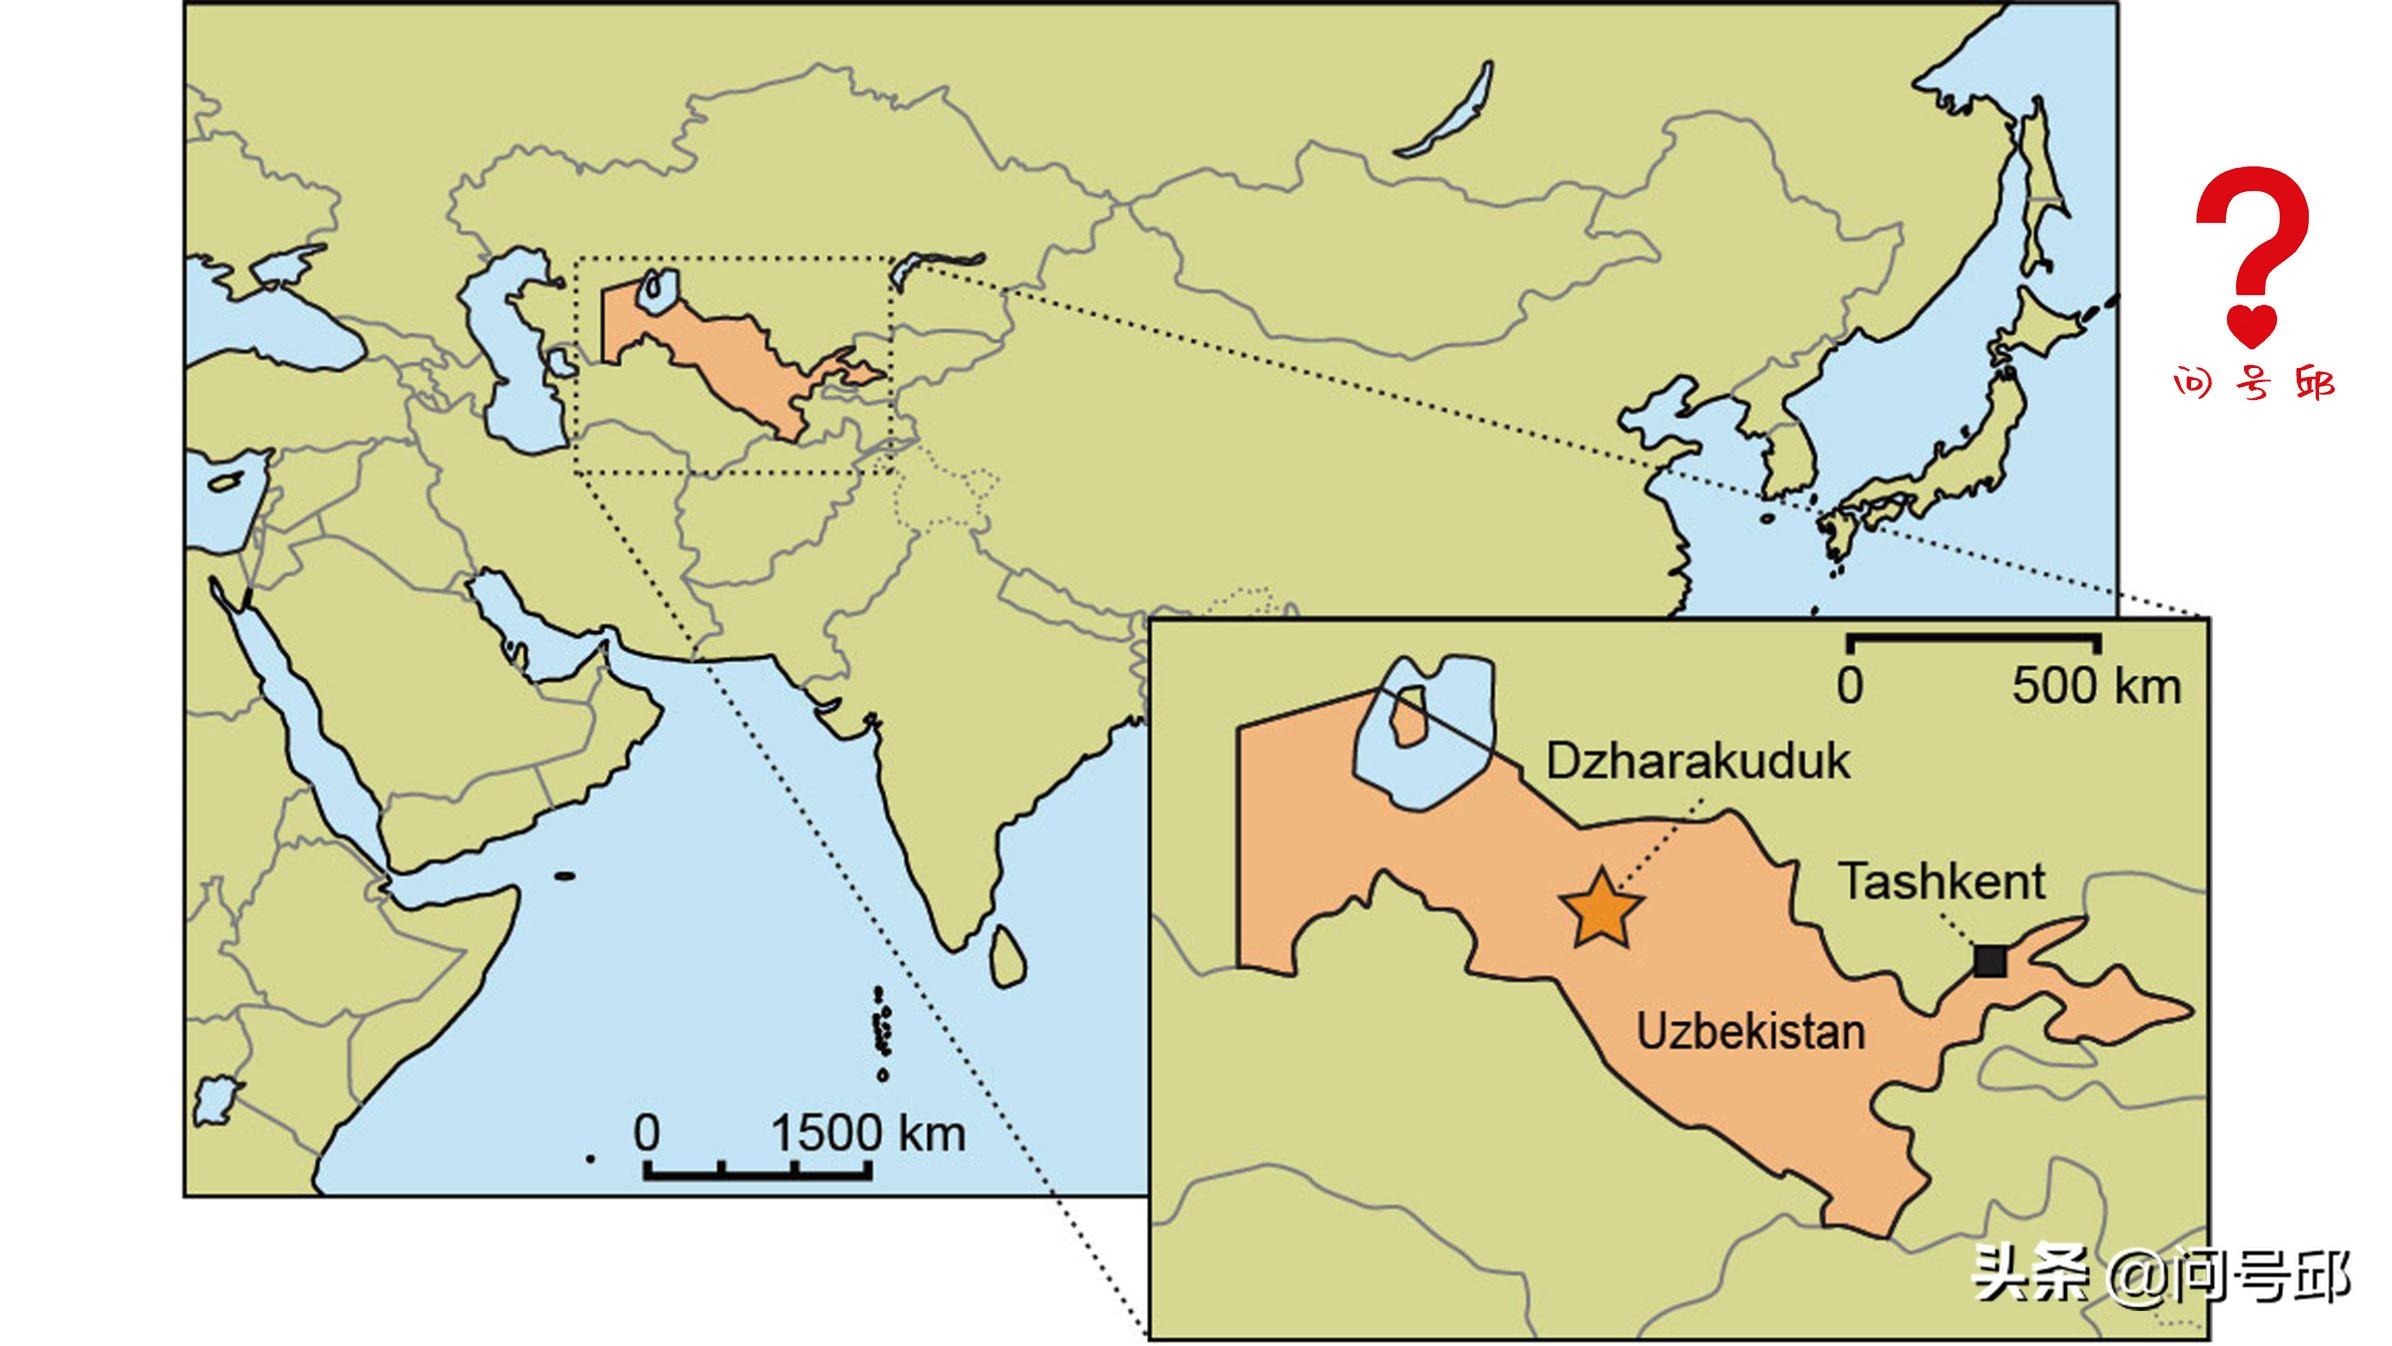 乌兹别克斯坦发现9000万年前巨型恐龙化石,体型超过霸王龙